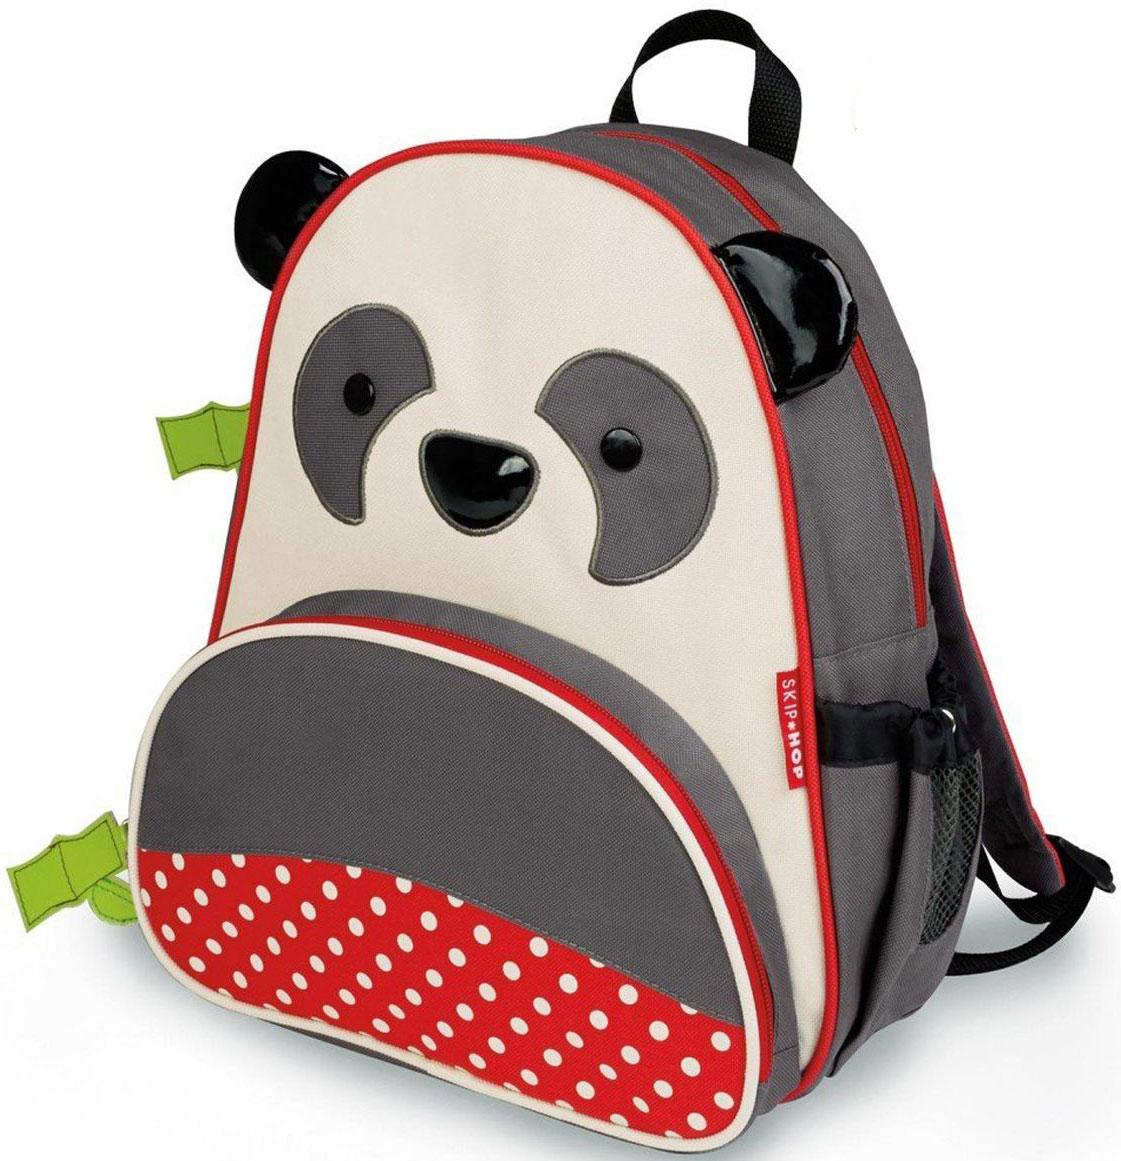 Skip Hop Рюкзак дошкольный ПандаSH 210219Дошкольный рюкзак Skip Hop каждый день будет радовать вашего малыша, вызывать улыбки у прохожих и зависть у сверстников. С ним можно ходить в детский сад, на прогулку, в гости к бабушке или ездить на экскурсии.Рюкзак имеет одно основное отделение на застежке-молнии, в которое легко поместятся книжка, альбом для рисования, краски, фломастеры, любимая игрушка и контейнер с едой, а кармашек сбоку предназначен специально для бутылочки с водой. Передний карман на молнии предназначен для мелких вещей.Рюкзак оснащен ручкой для переноски в руках и лямками регулируемой длины.